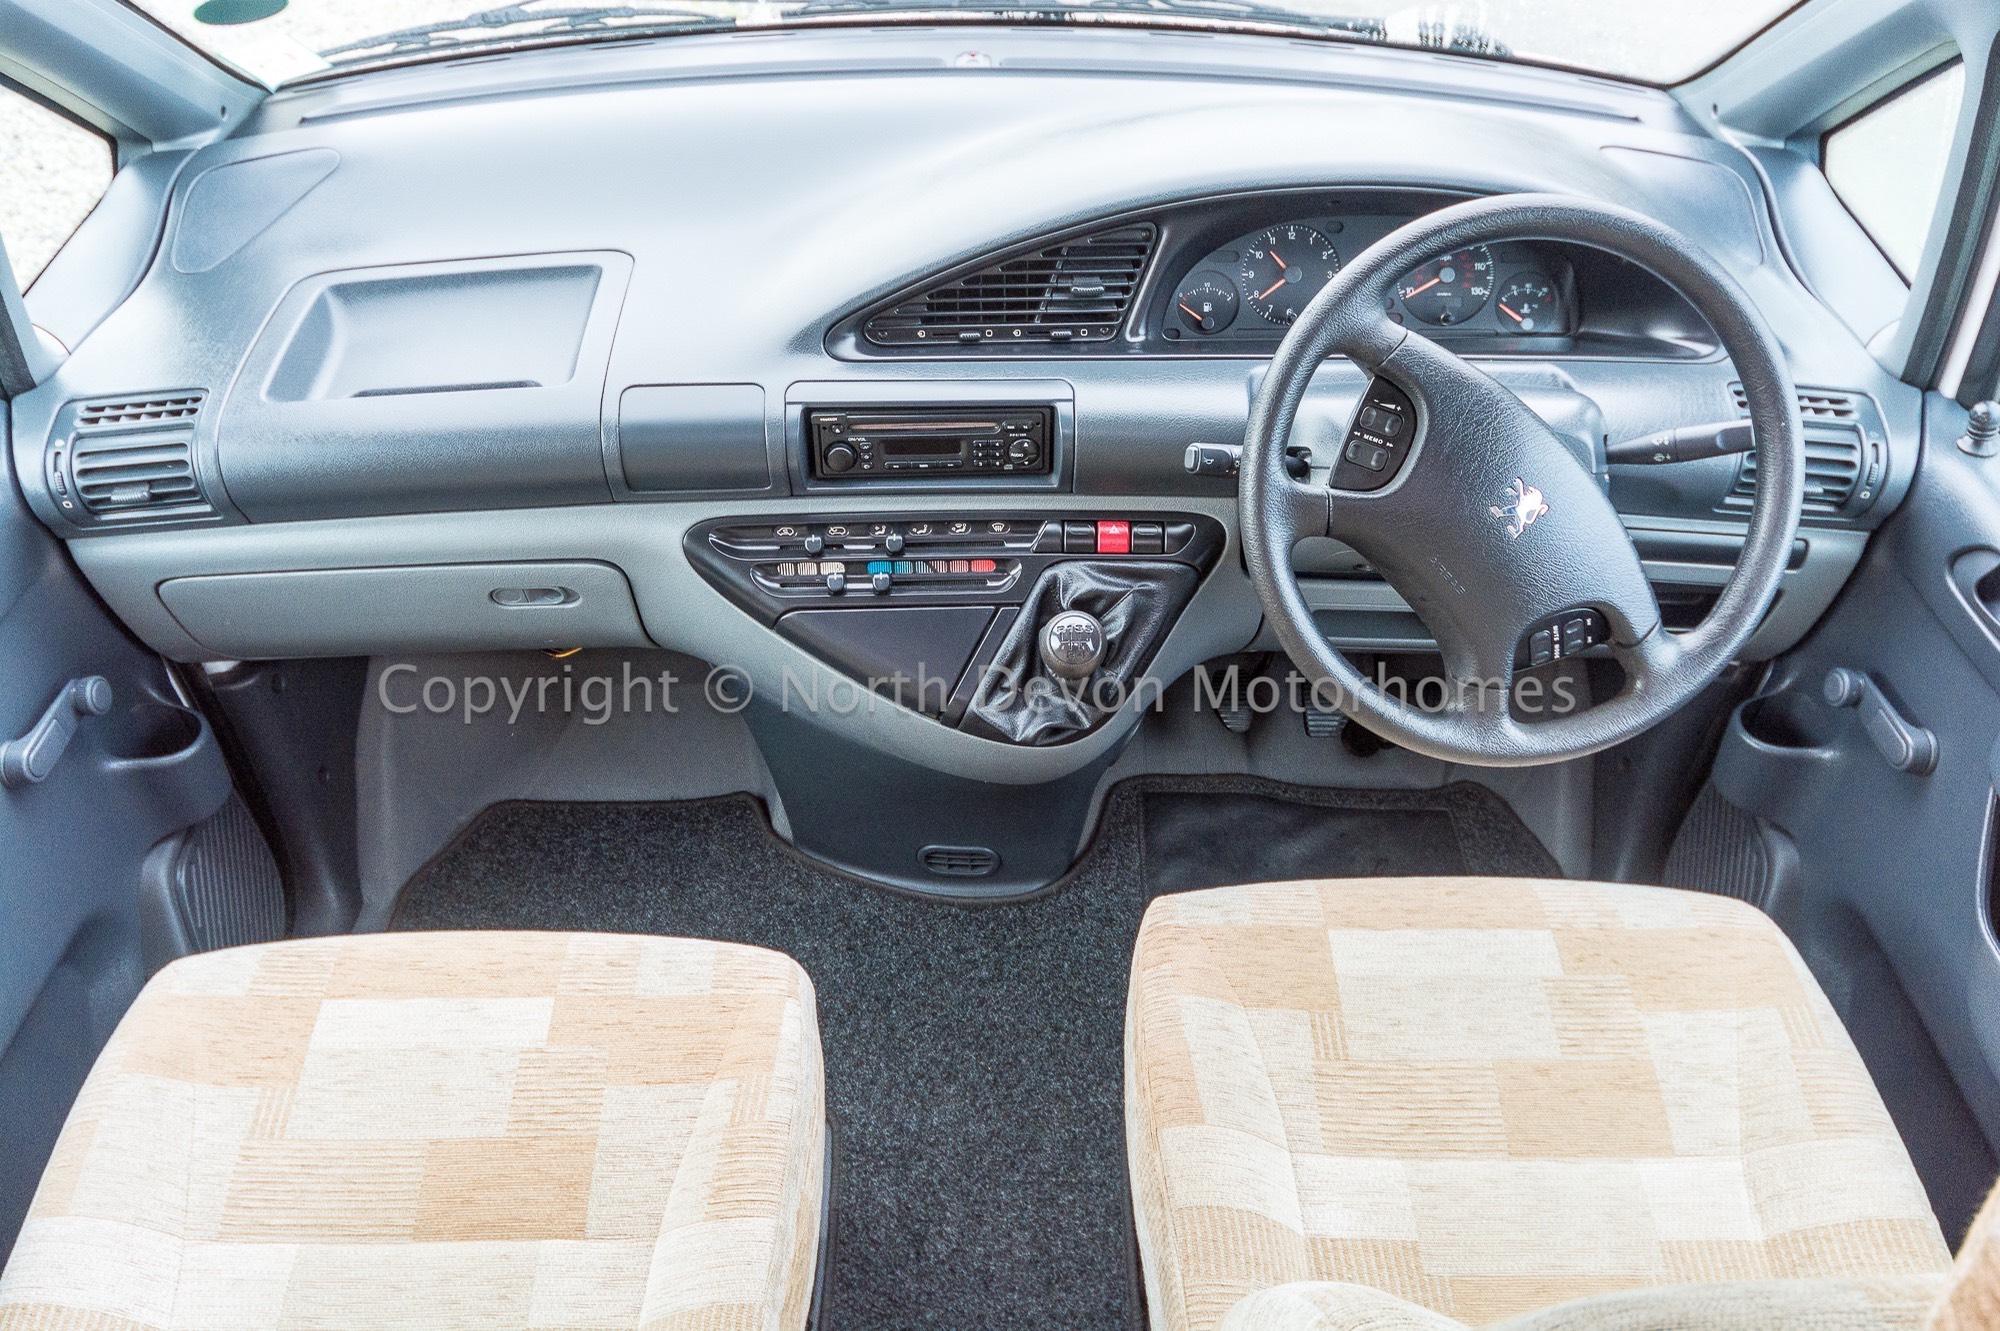 Sold Nu Venture Rio 2007 Compact 2 Berth Coachbuilt